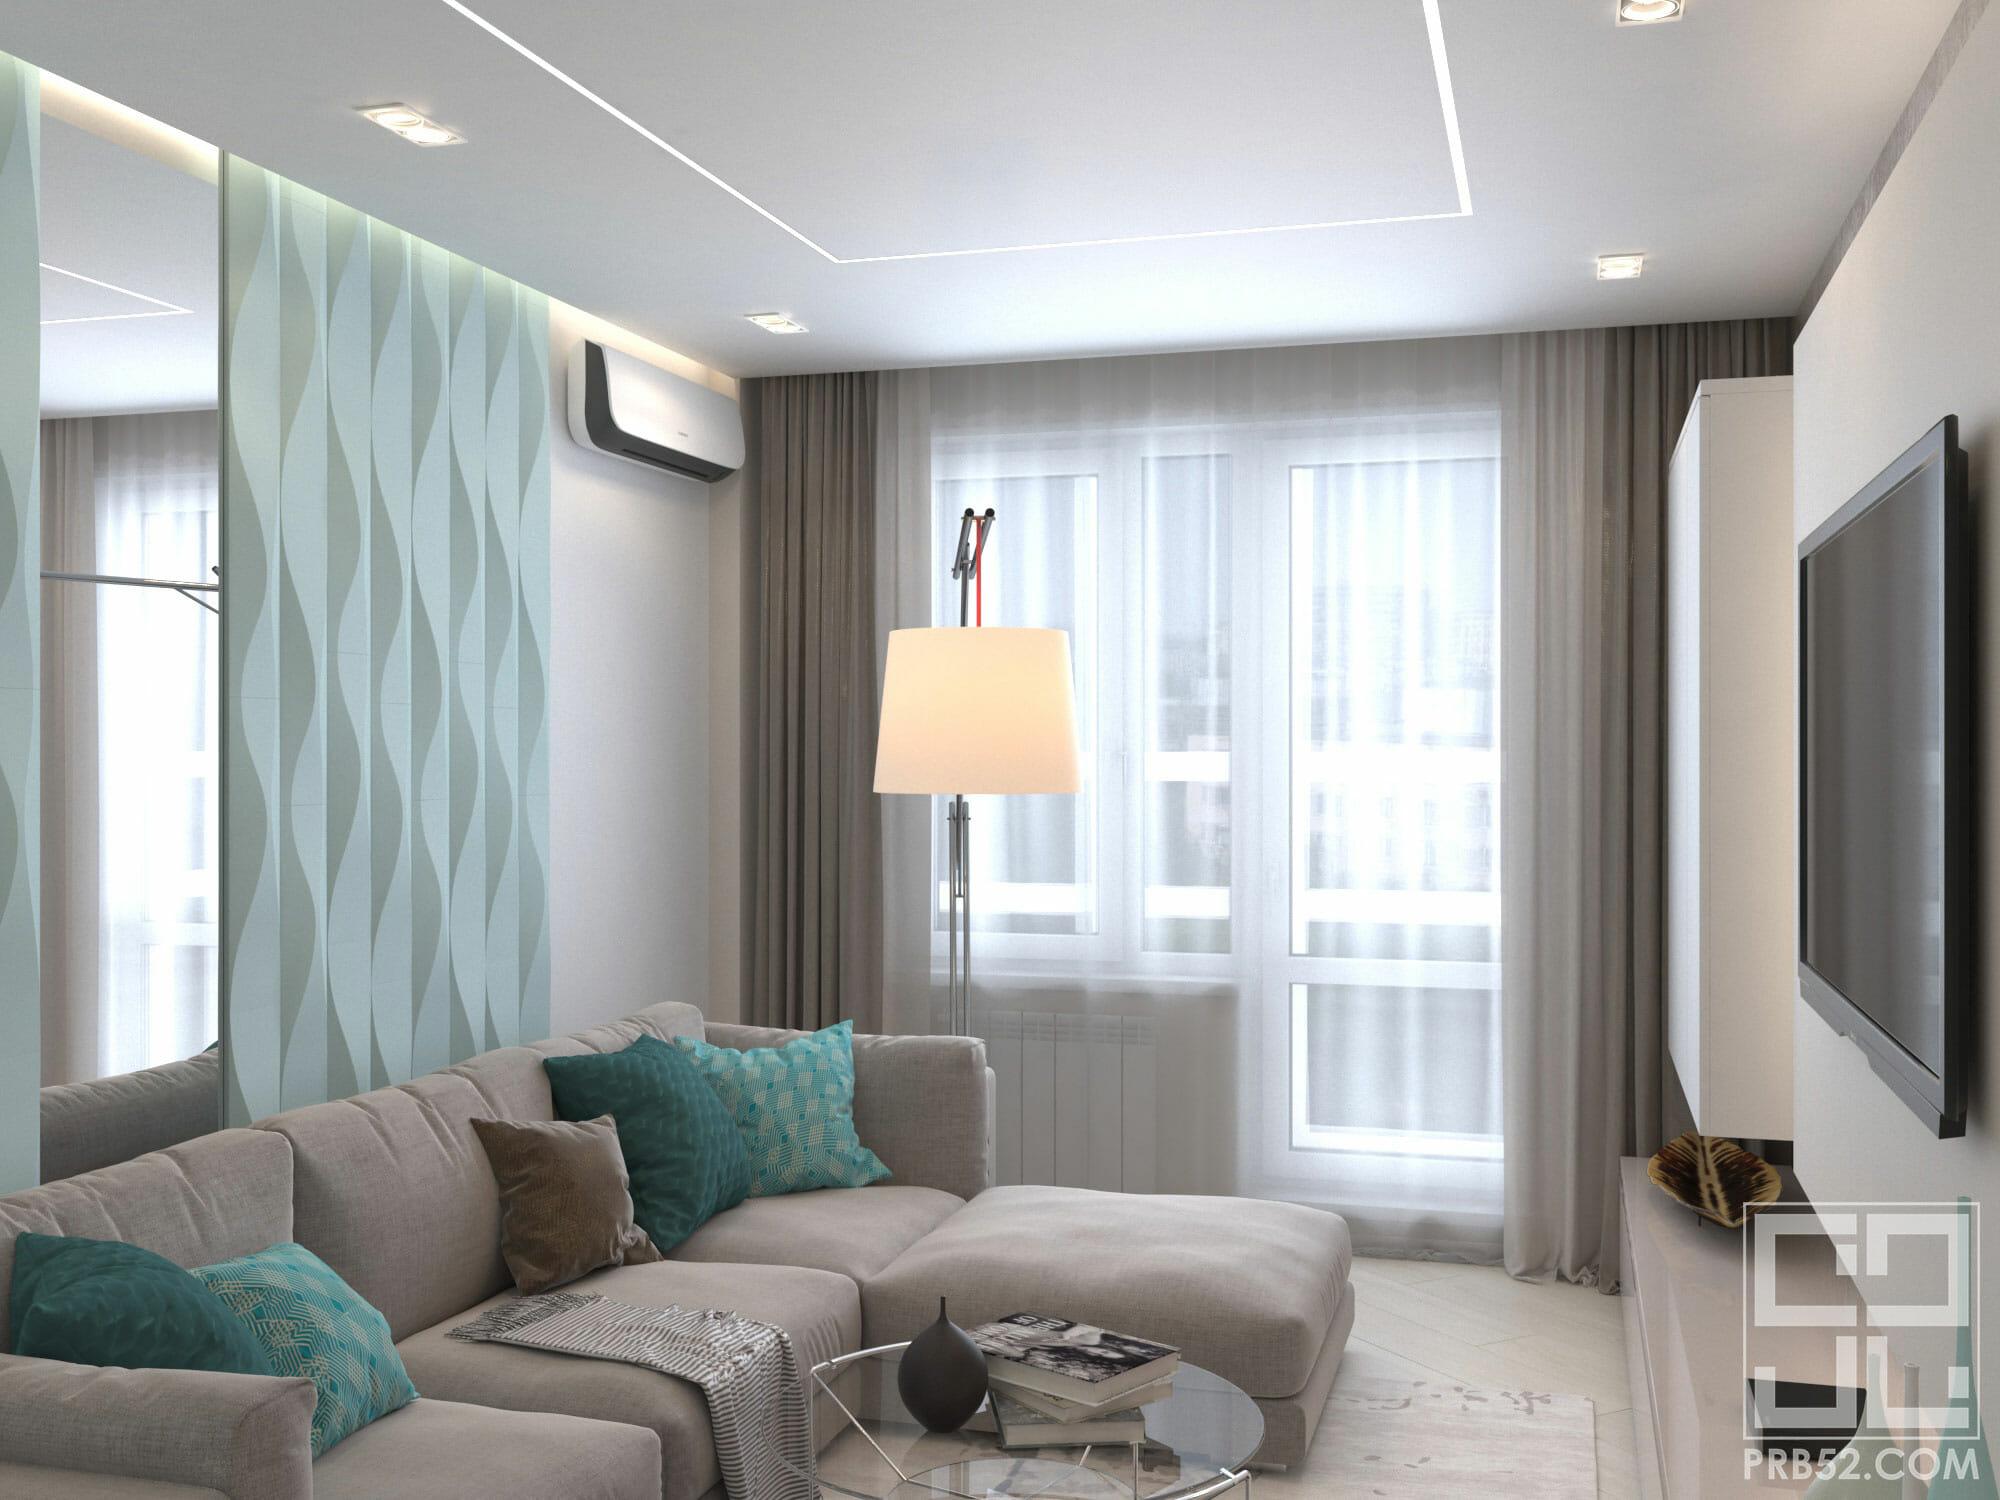 дизайн интерьера современной гостиной с 3d панелями